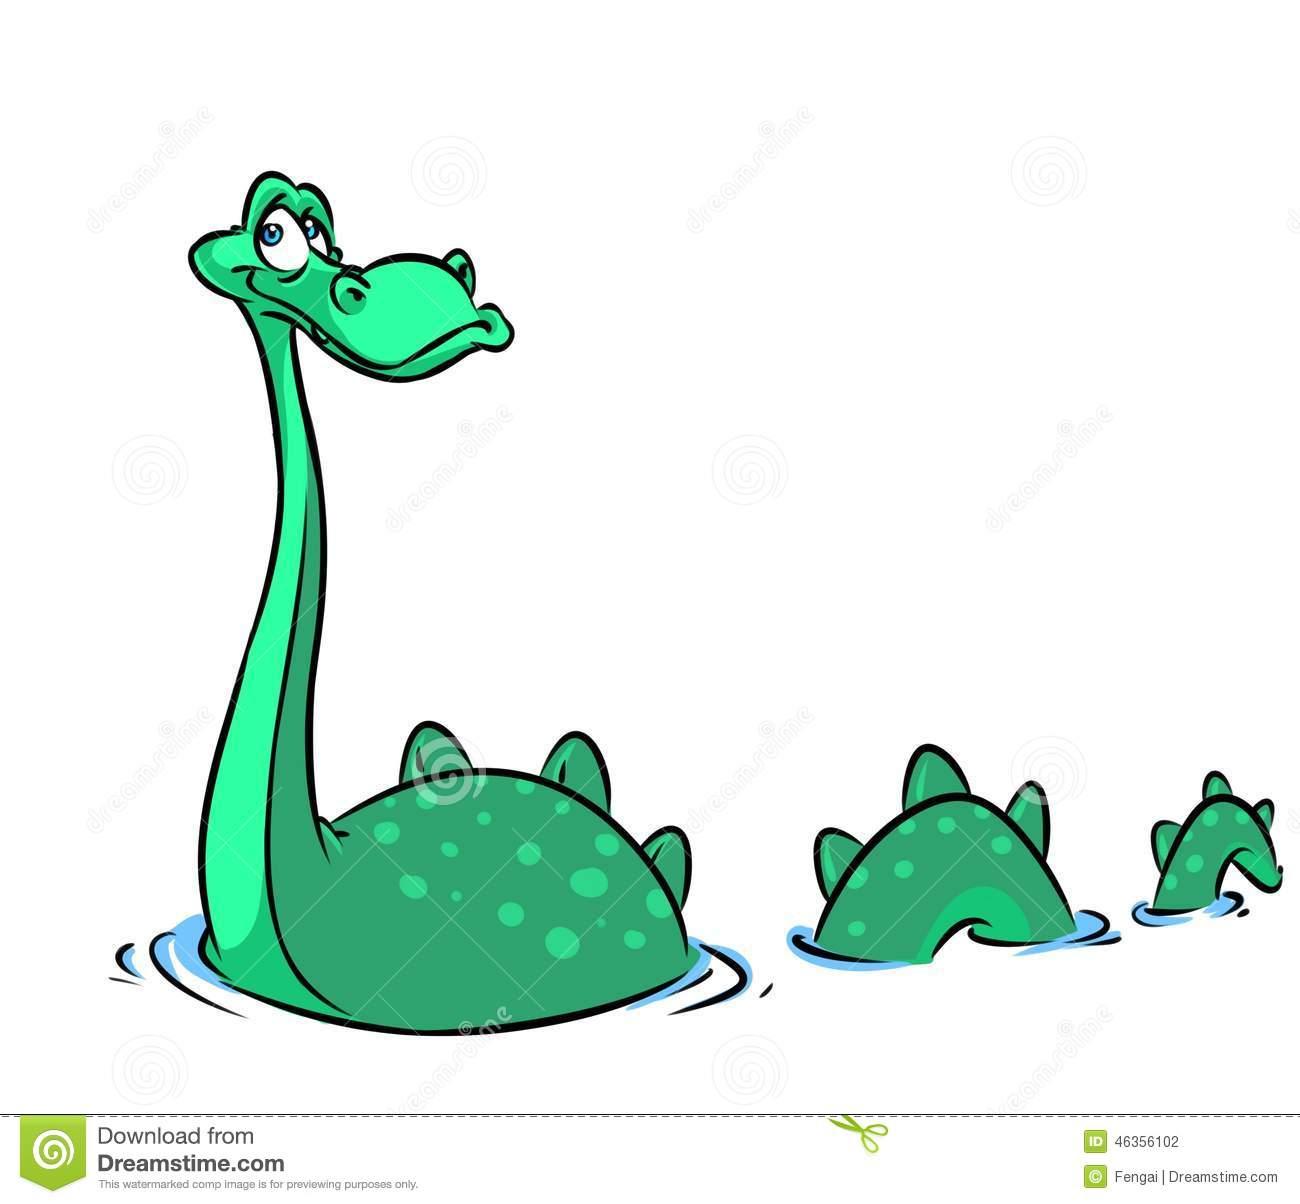 Nessie clipart graphic download 57+ Loch Ness Monster Clipart | ClipartLook graphic download